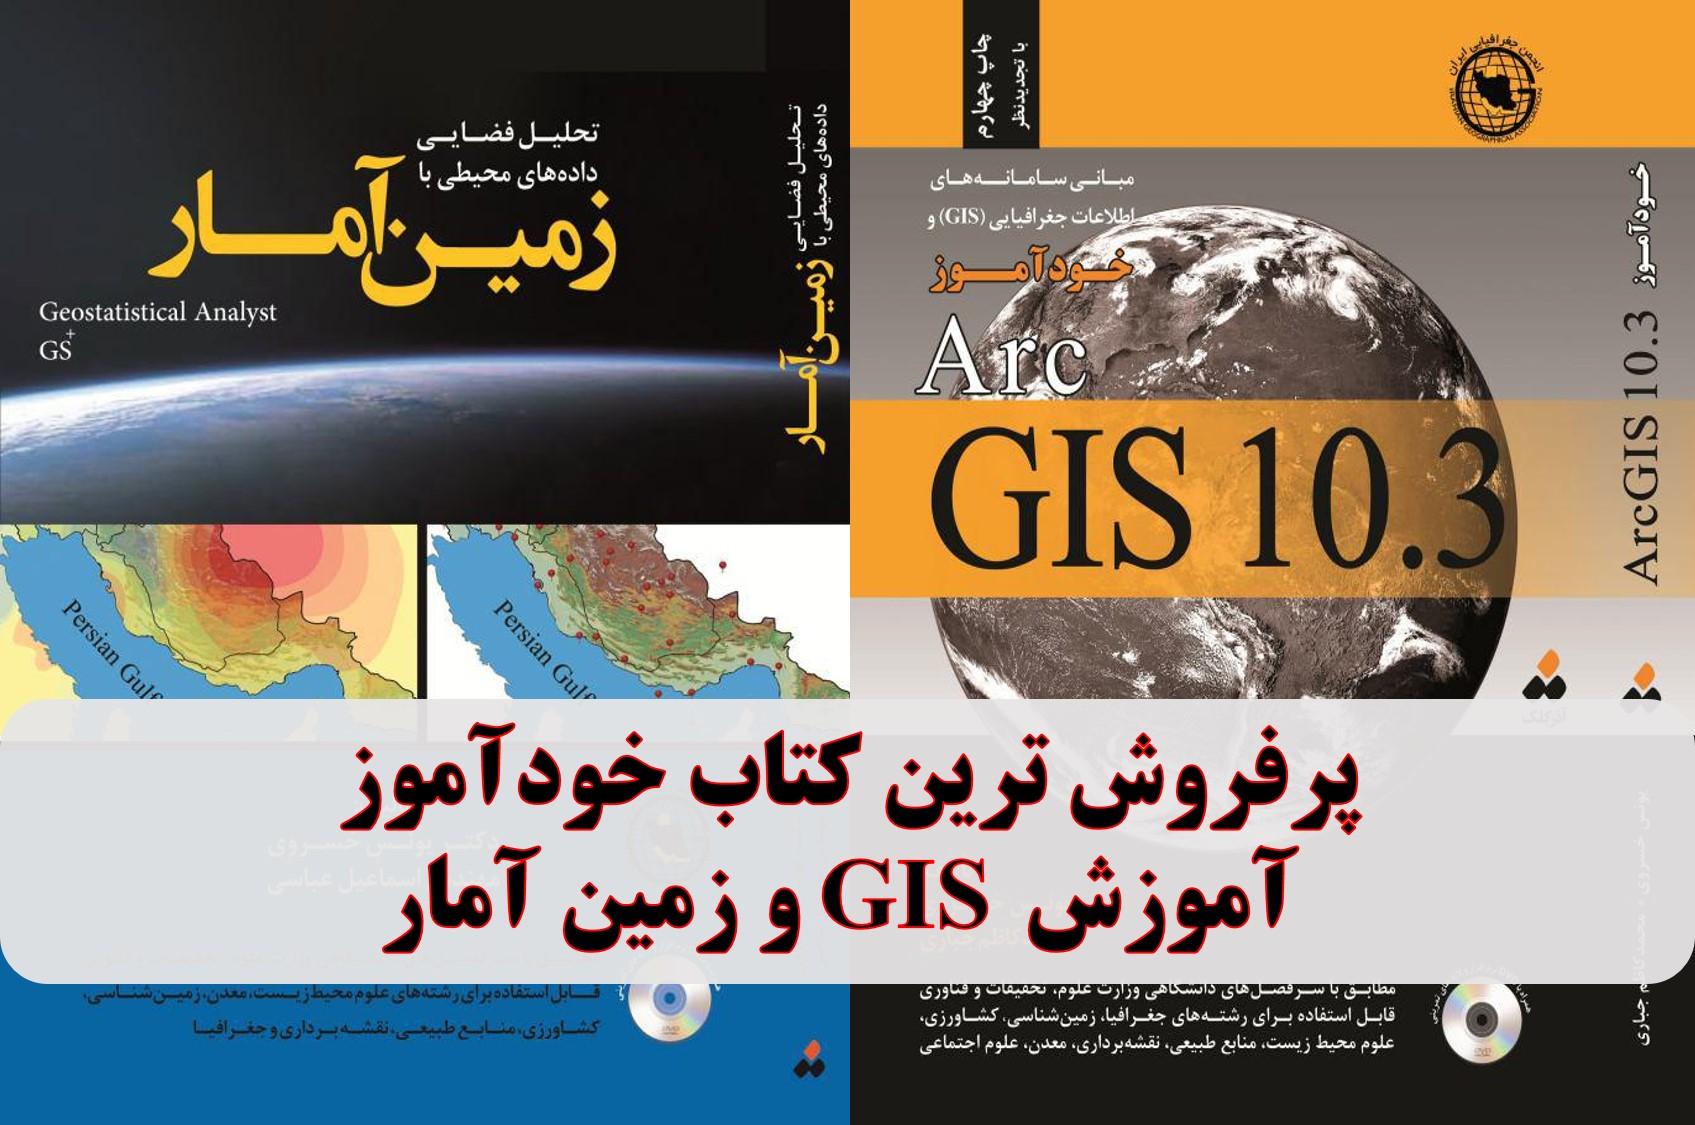 پرفروش ترین کتاب خودآموز آموزش GIS و زمین آمار